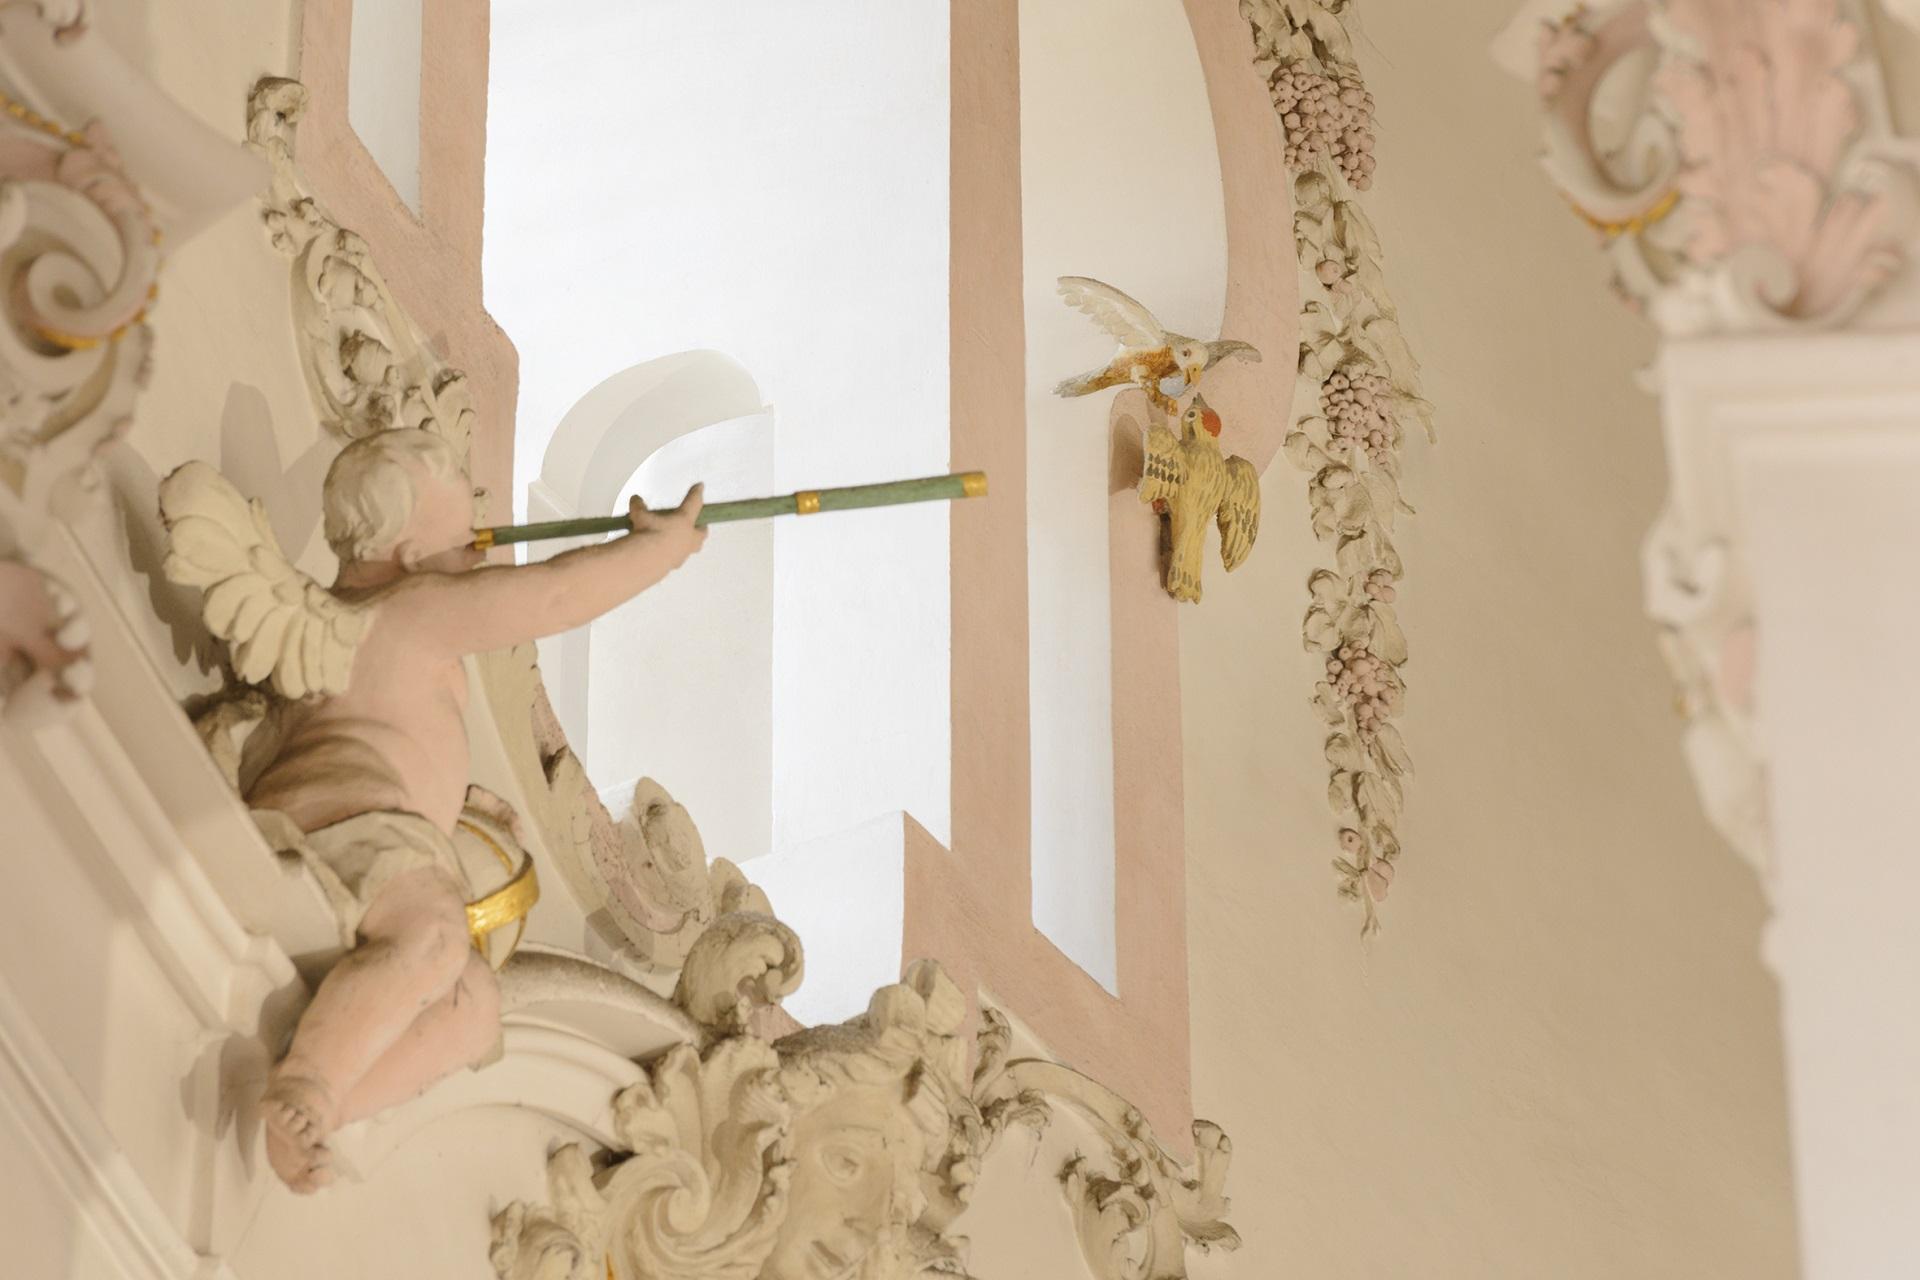 Stuckfigur in der Wallfahrtskirche in Steinhausen